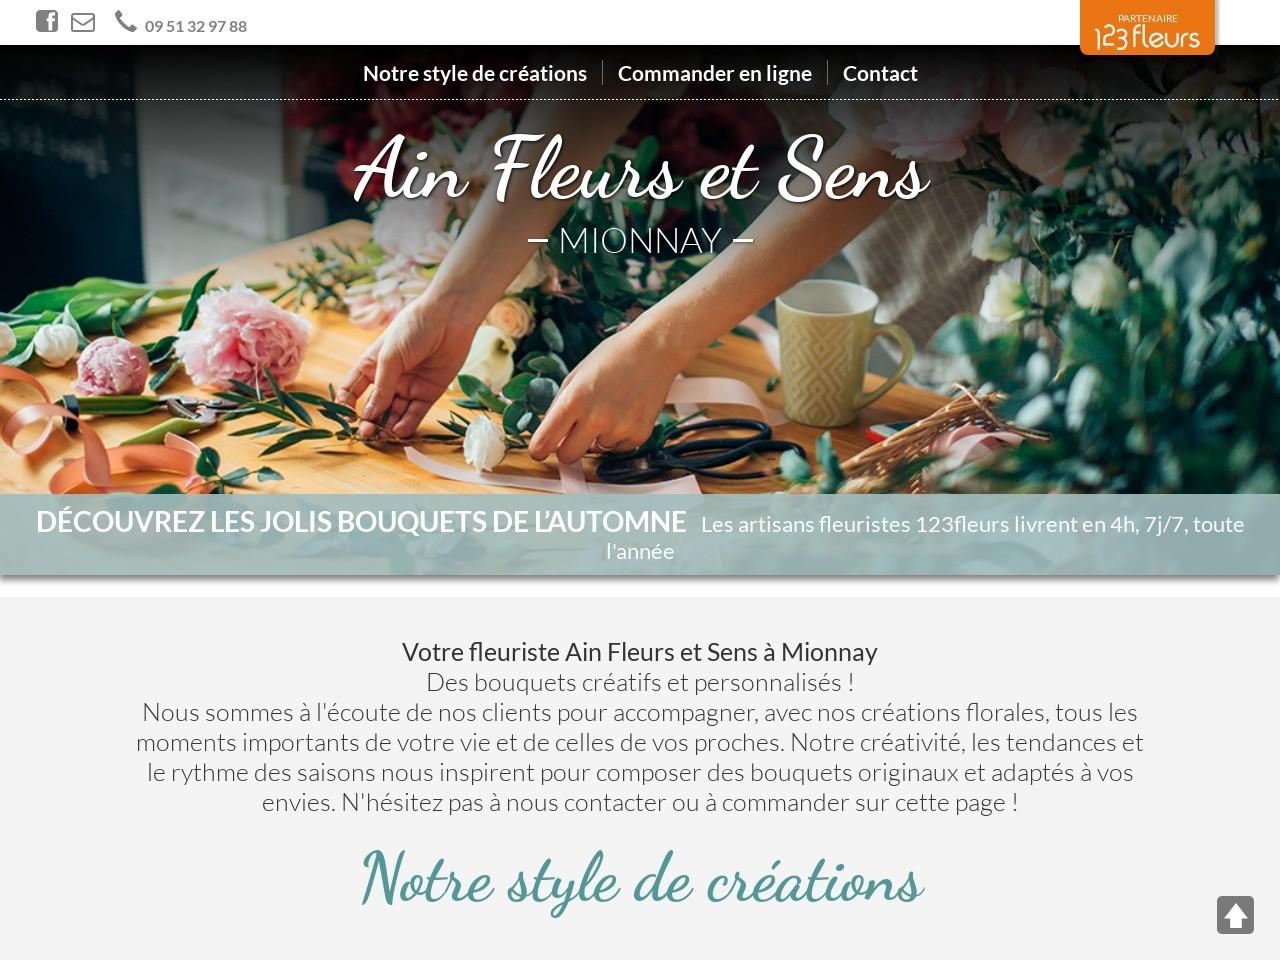 Site fleuriste Ain Fleurs et Sens - 123fleurs